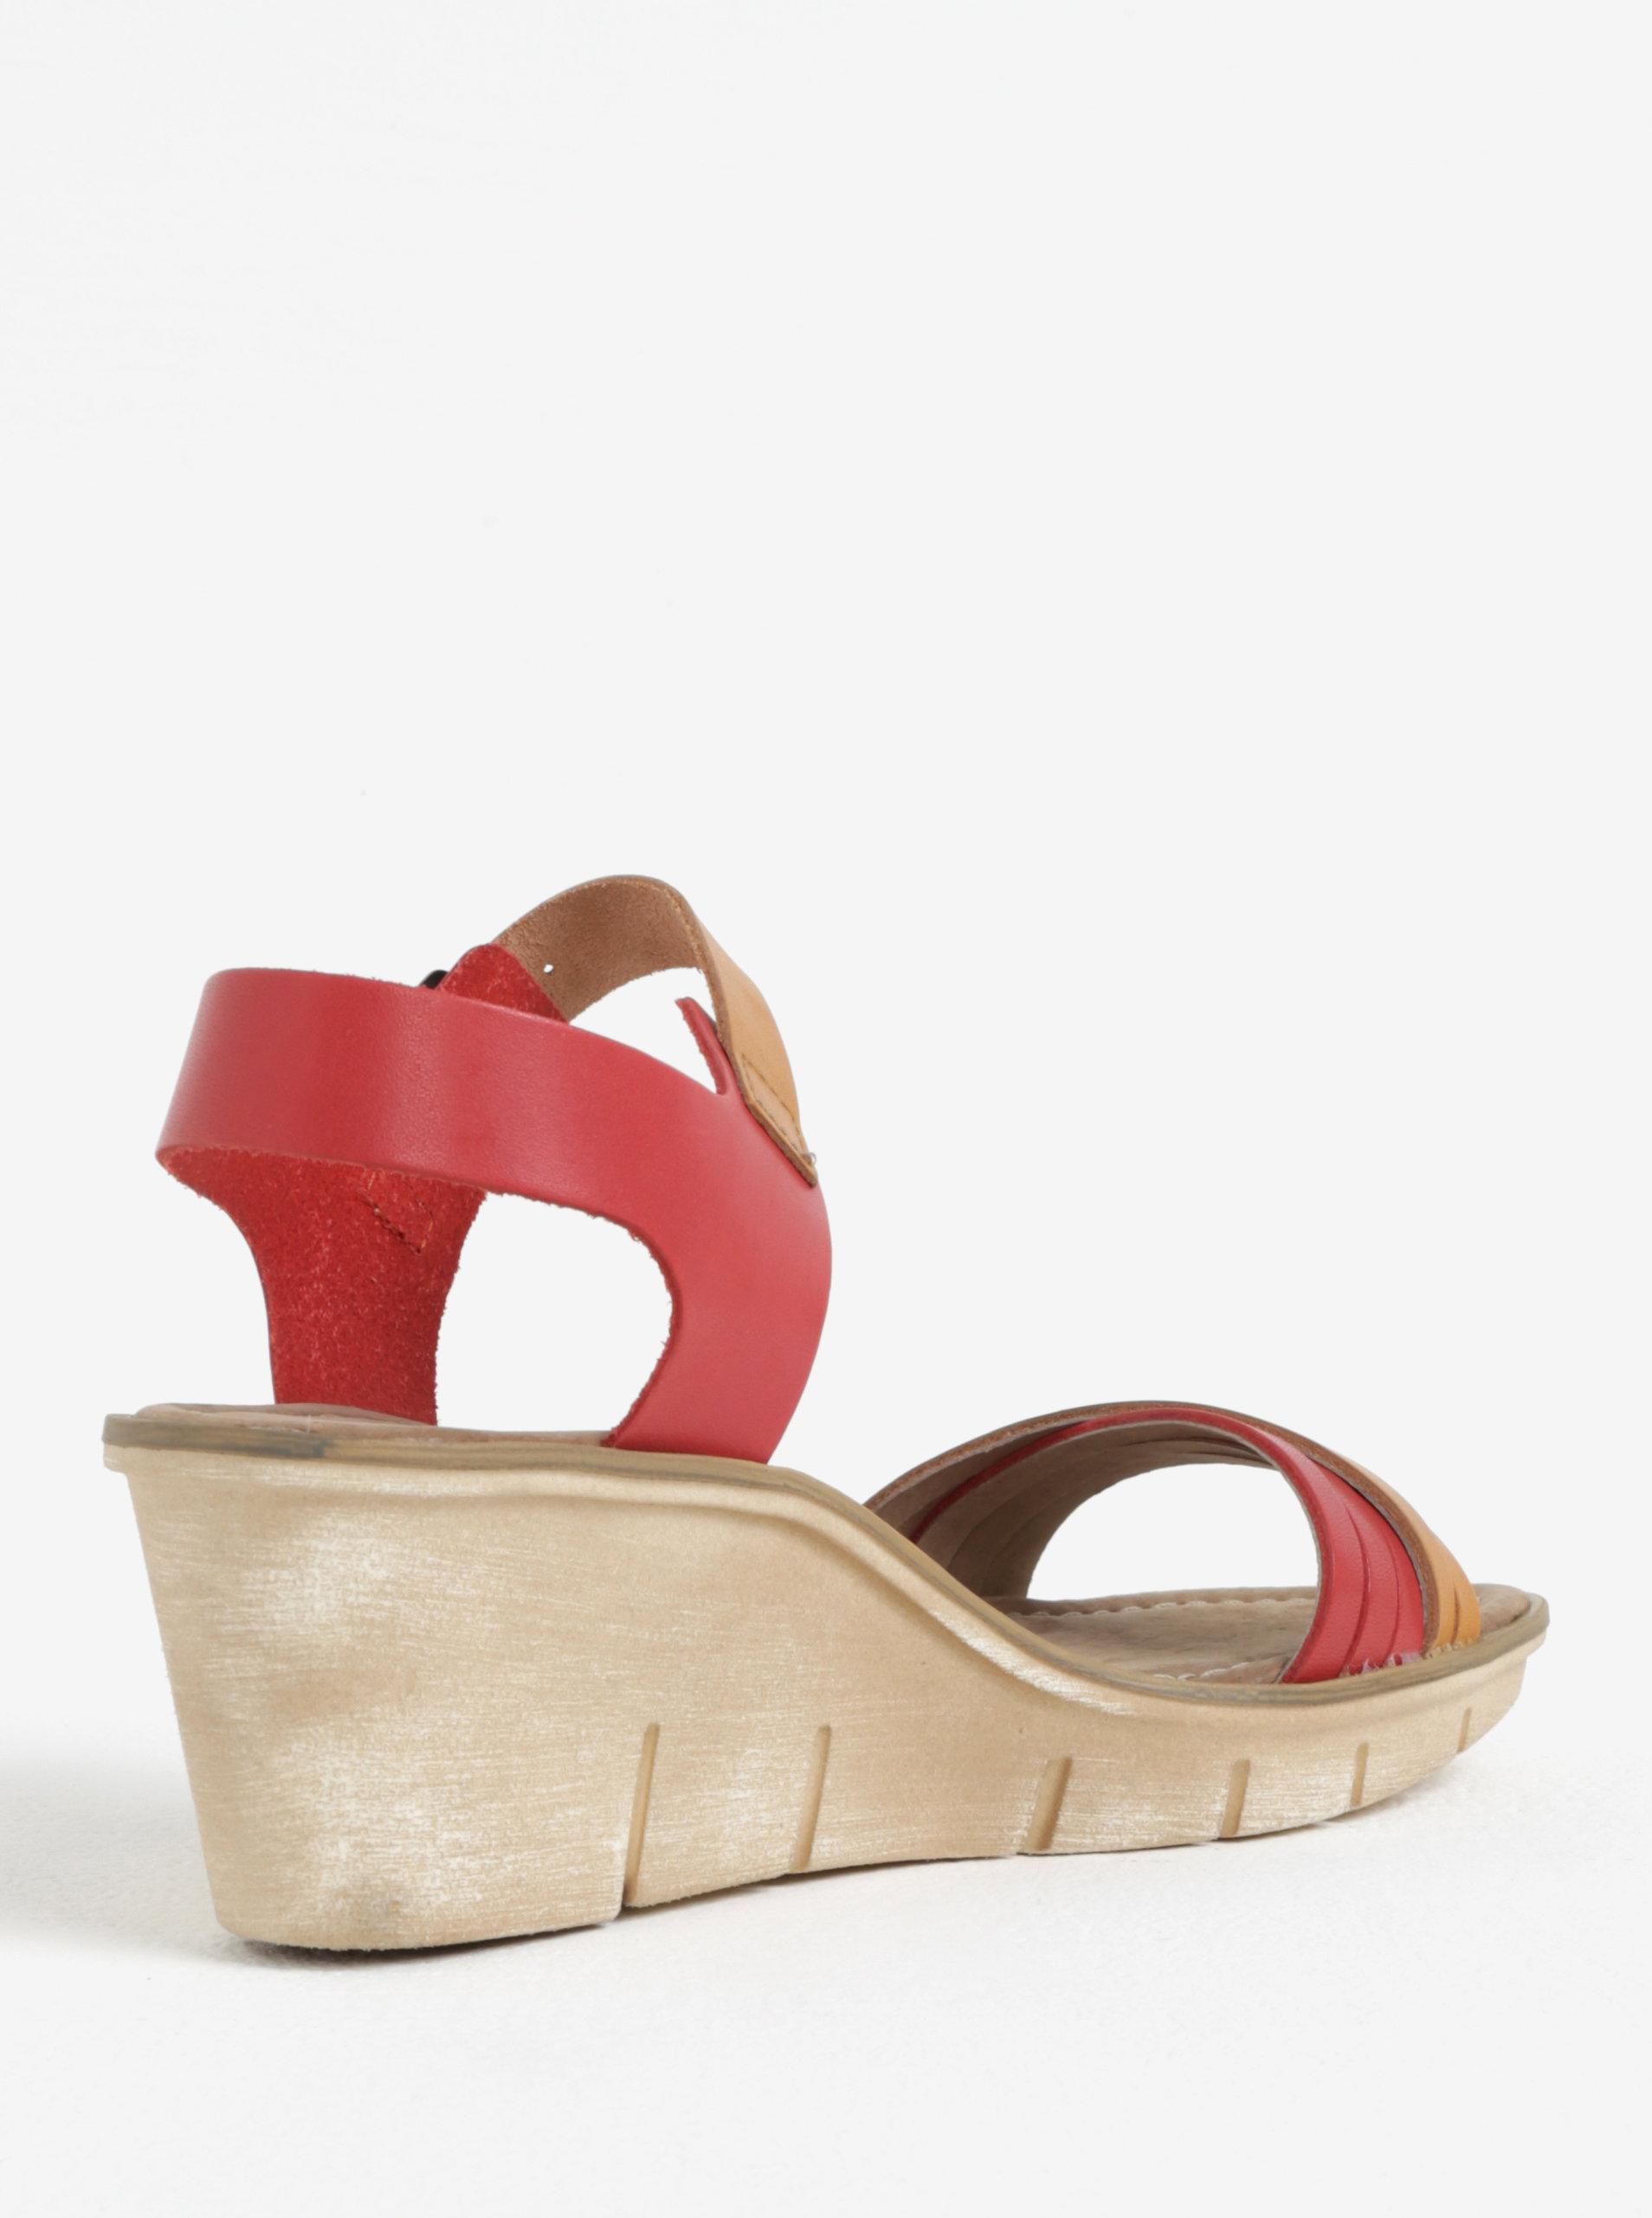 914d6262d7d7 Hnedo-červené dámske kožené sandálky na platforme Weinbrenner ...